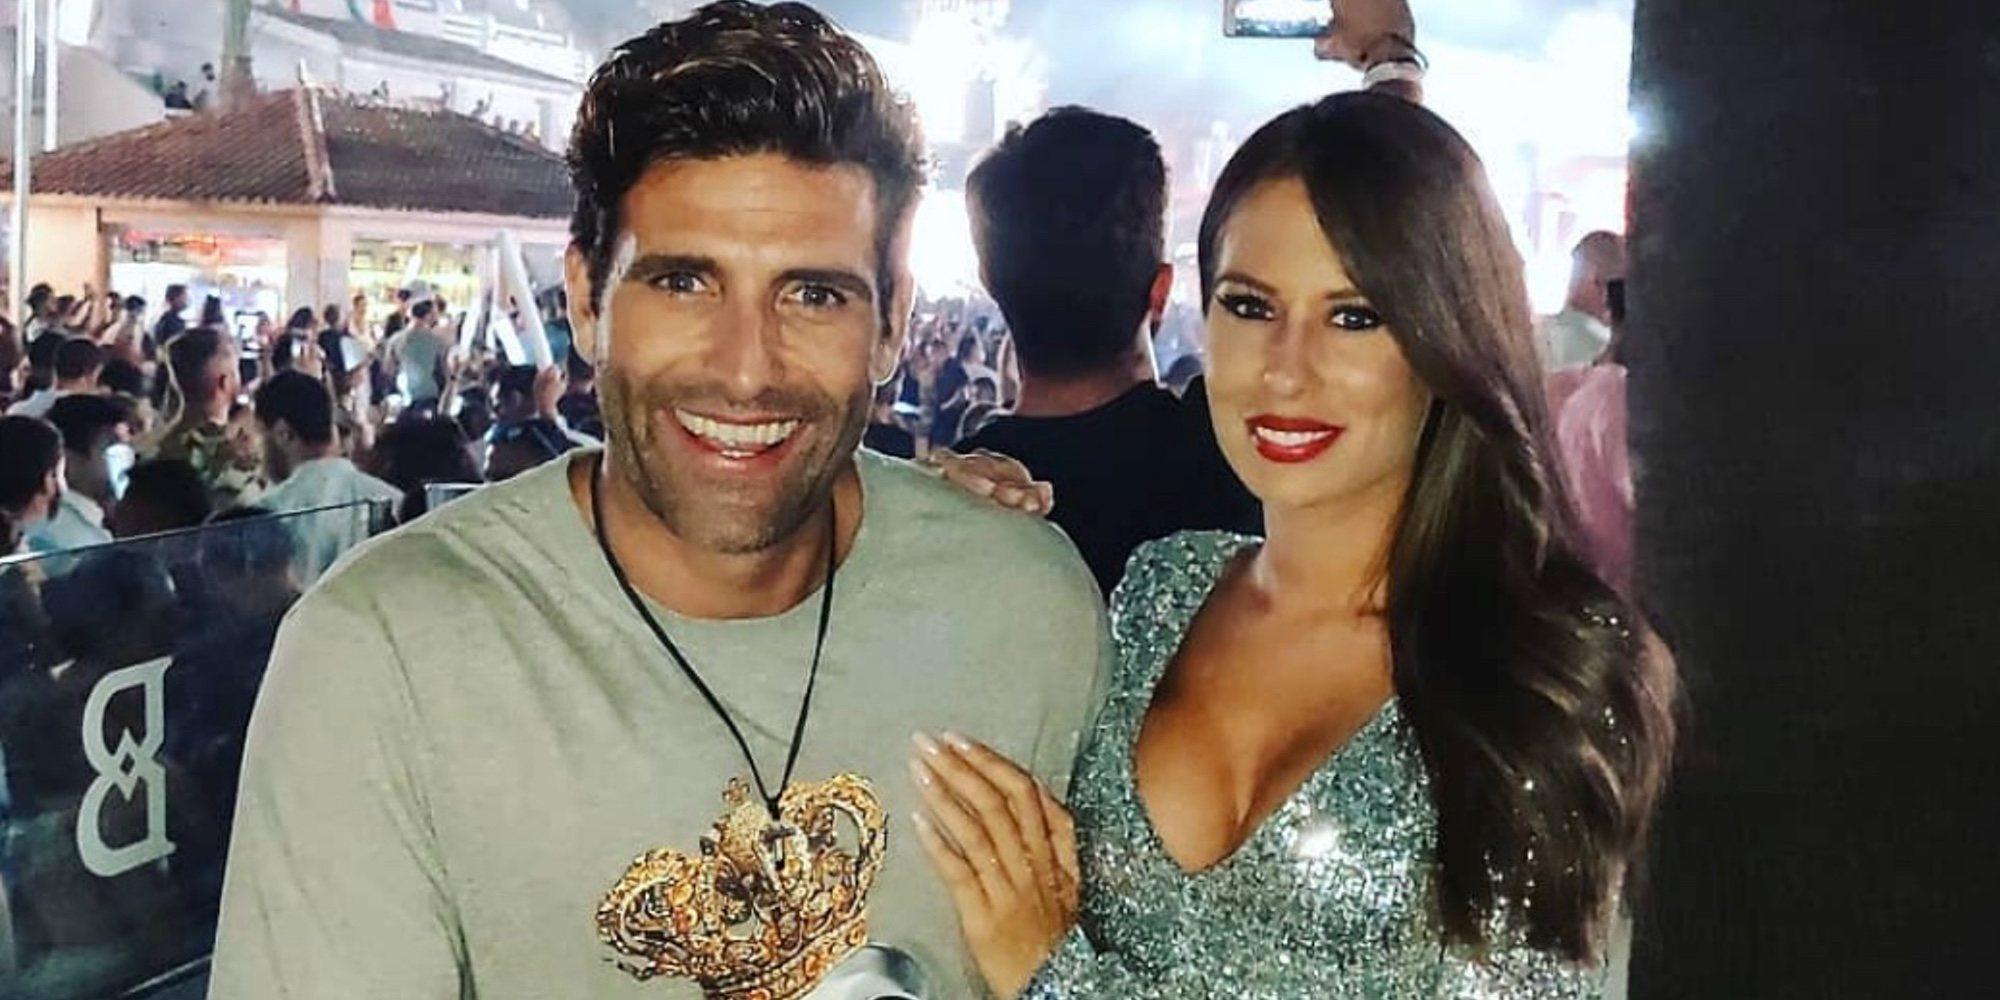 Efrén Reyero y Ana Pérez rompen su relación tan solo cuatro meses después de salir de 'MyHyV'